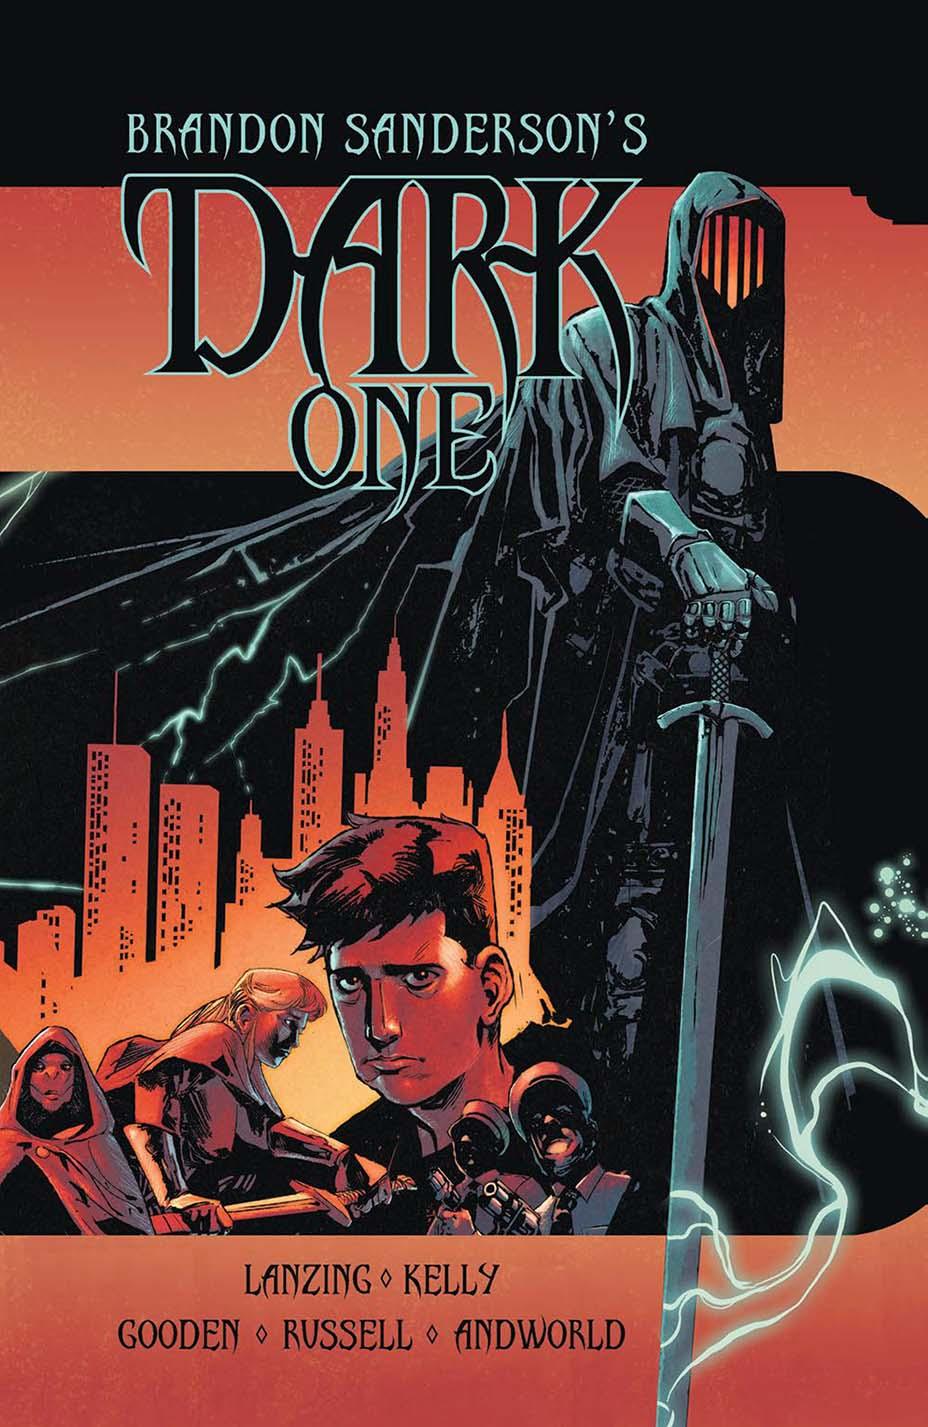 THR опубликовал первую главу комикса Dark One Брендона Сандерсона 4